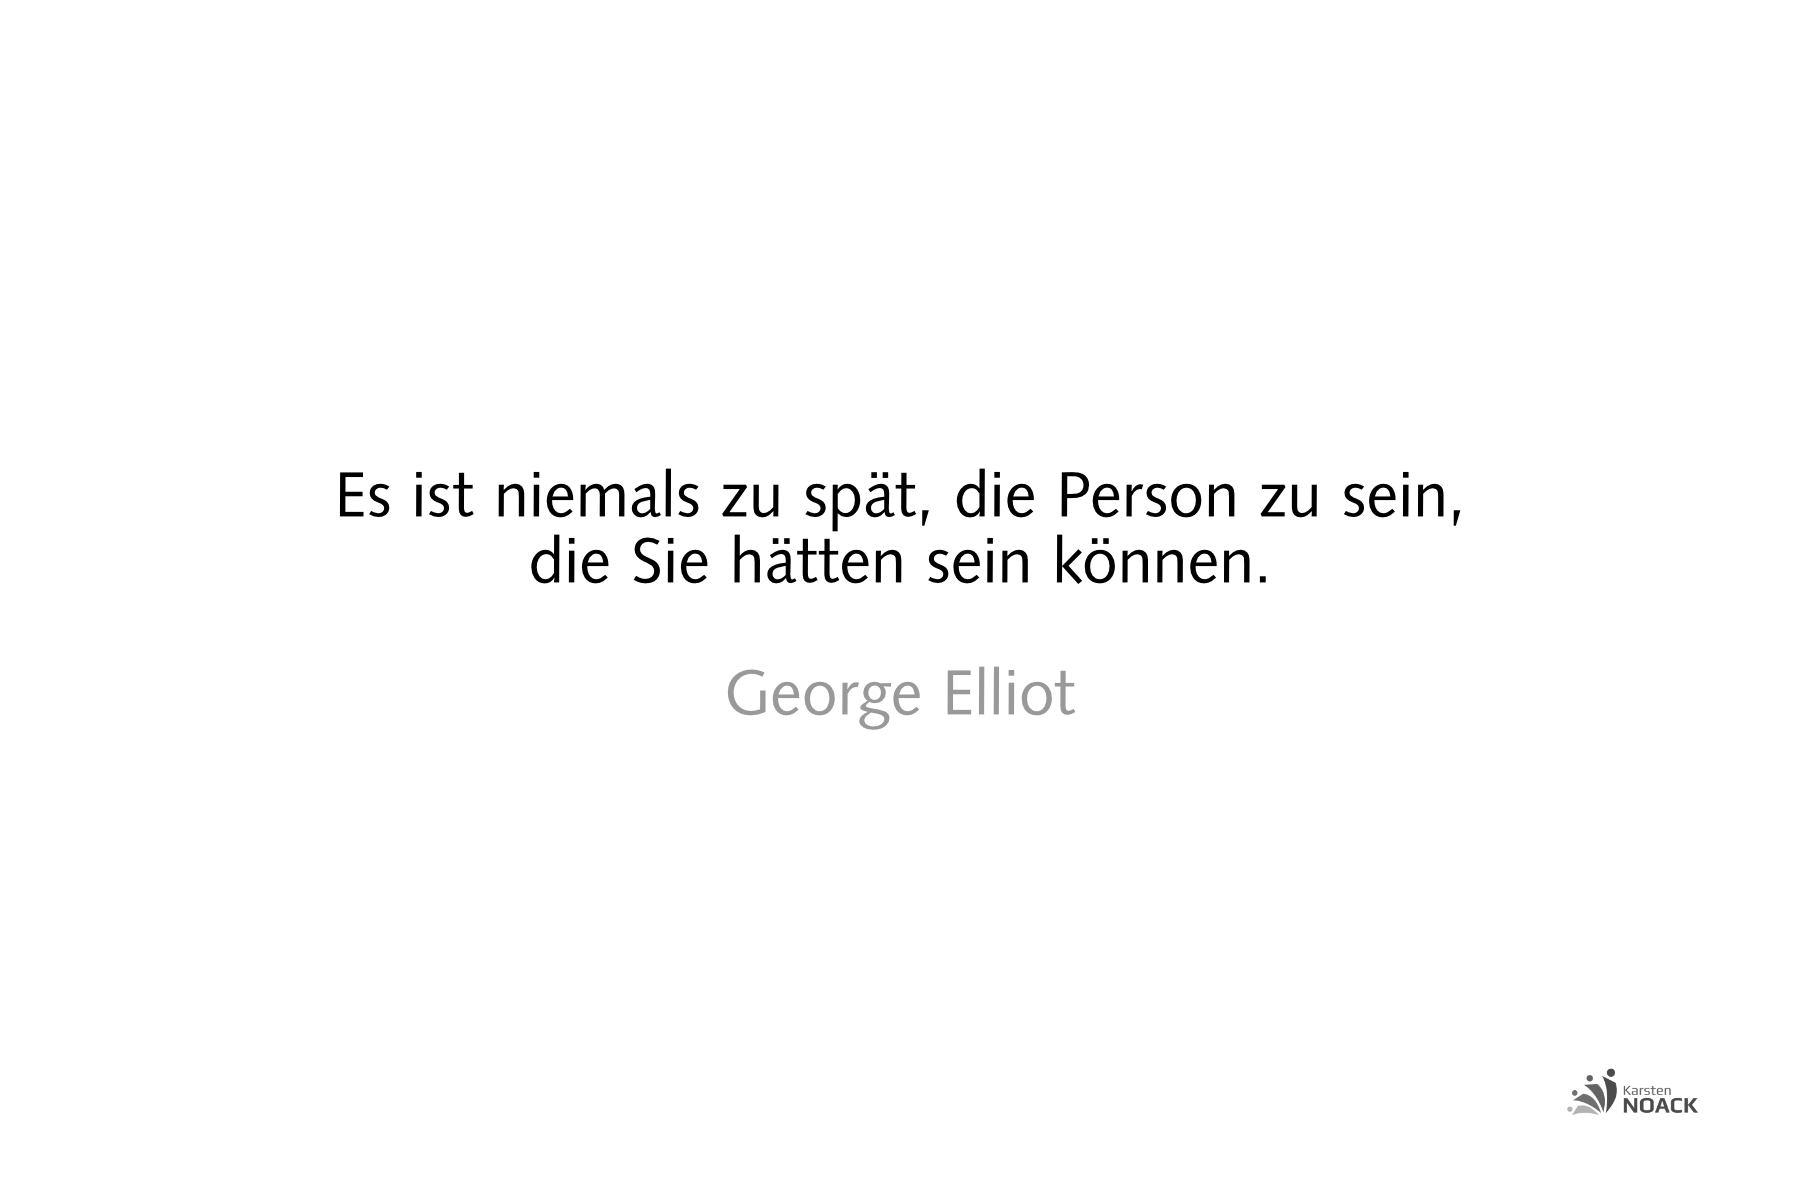 Es ist niemals zu spät die Person zu sein, die wir hätten sein können. George Elliot